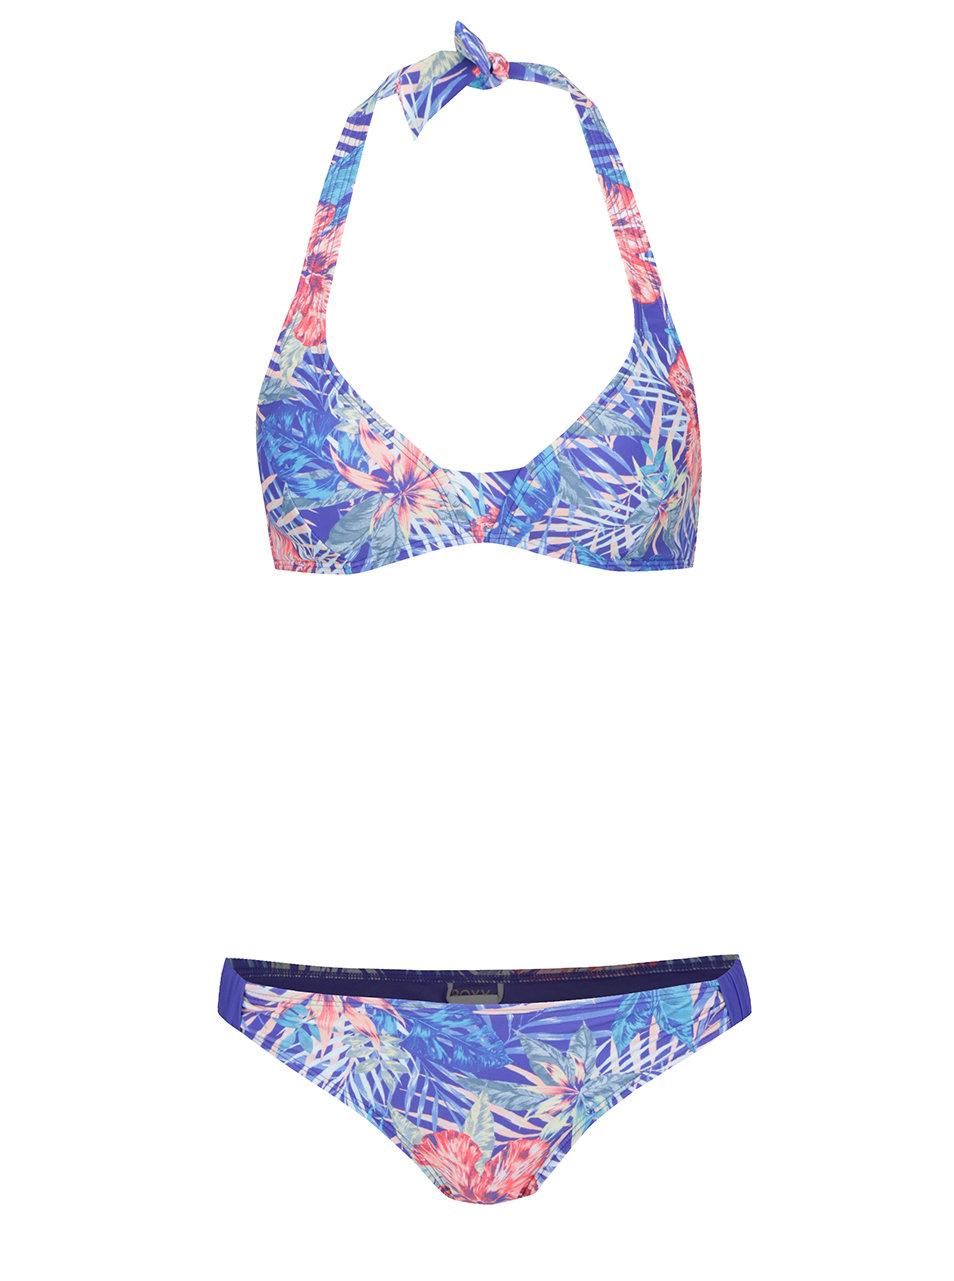 becb76bd38 Modré dámské dvoudílné plavky s tropickým vzorem Roxy Mix ...